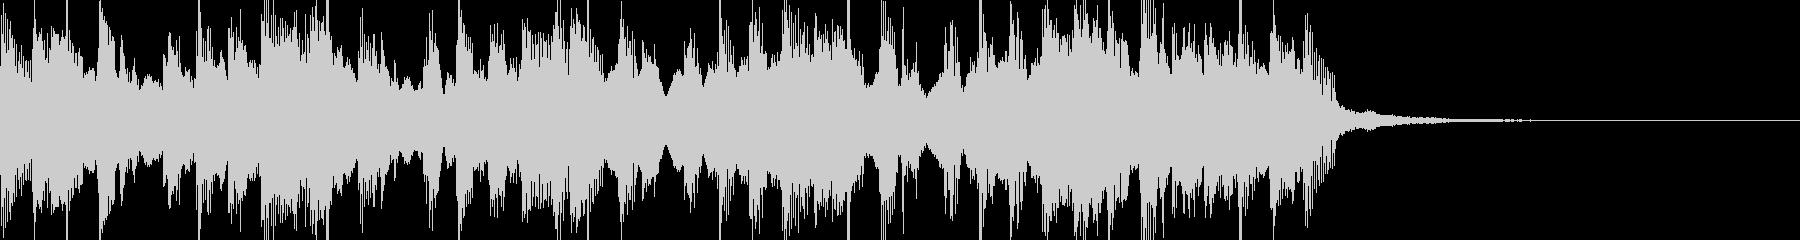 レゲエ風ジングルの未再生の波形